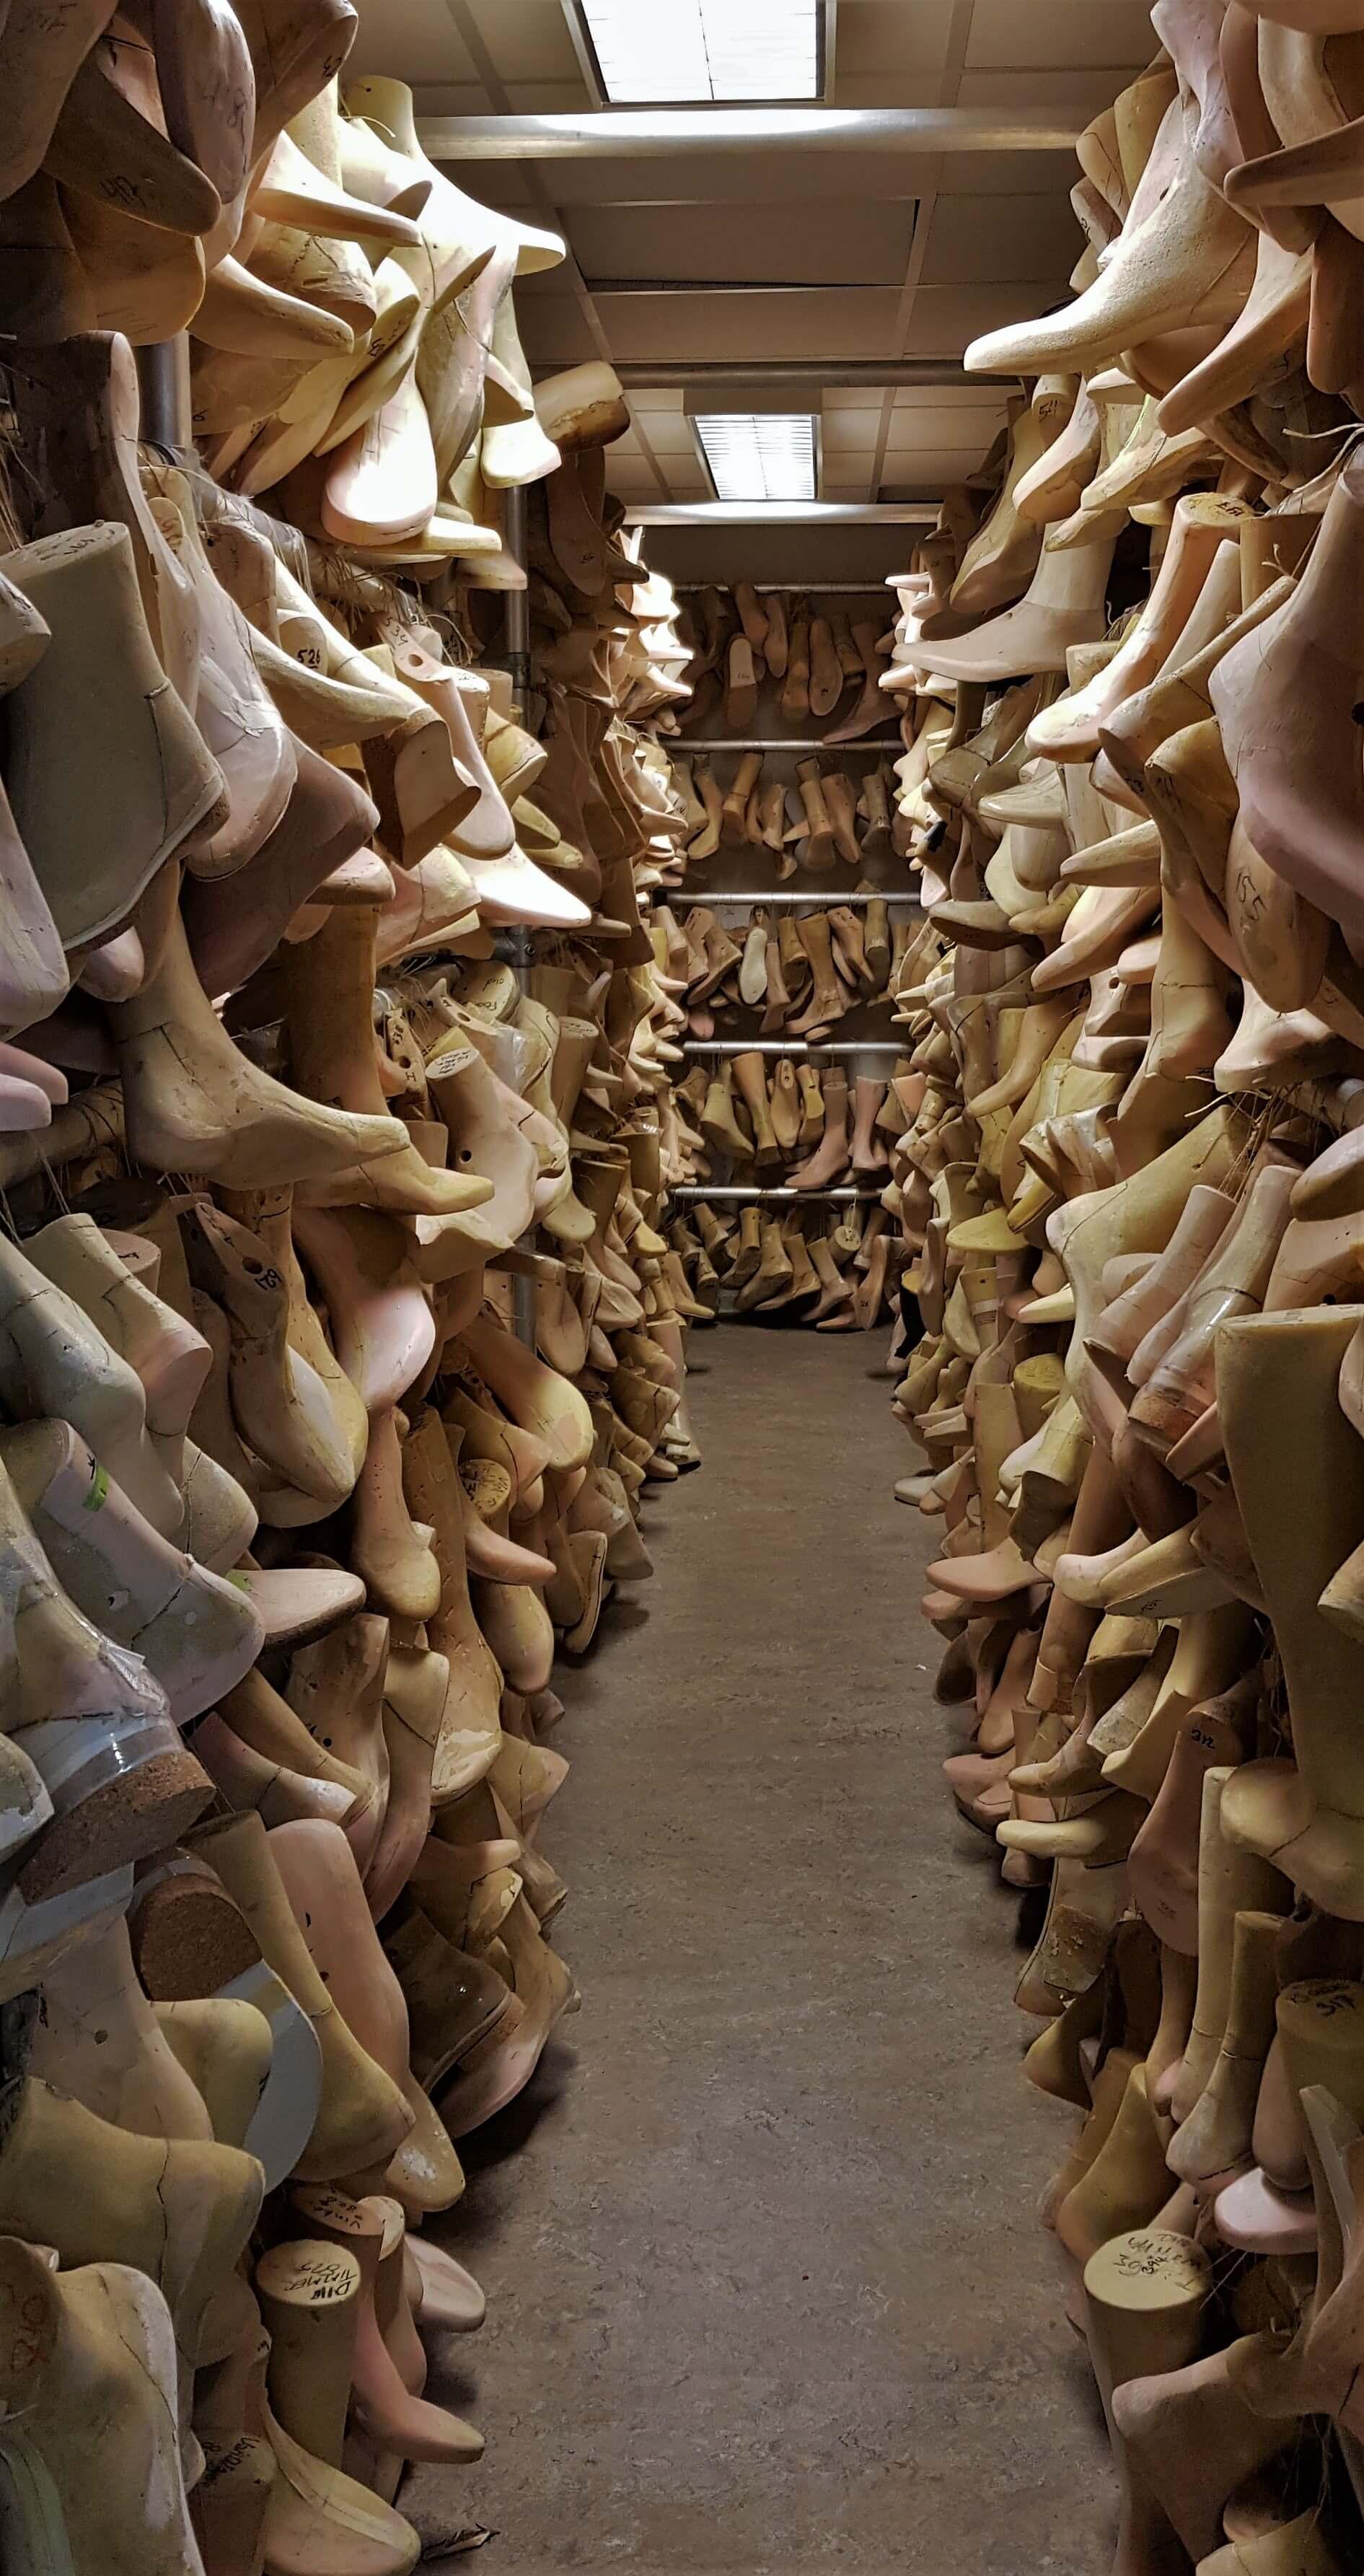 9e5629f8cf1 opslag van de leesten waarvan volledig orthopedische schoenen gemaakt worden  lijkt op voeten